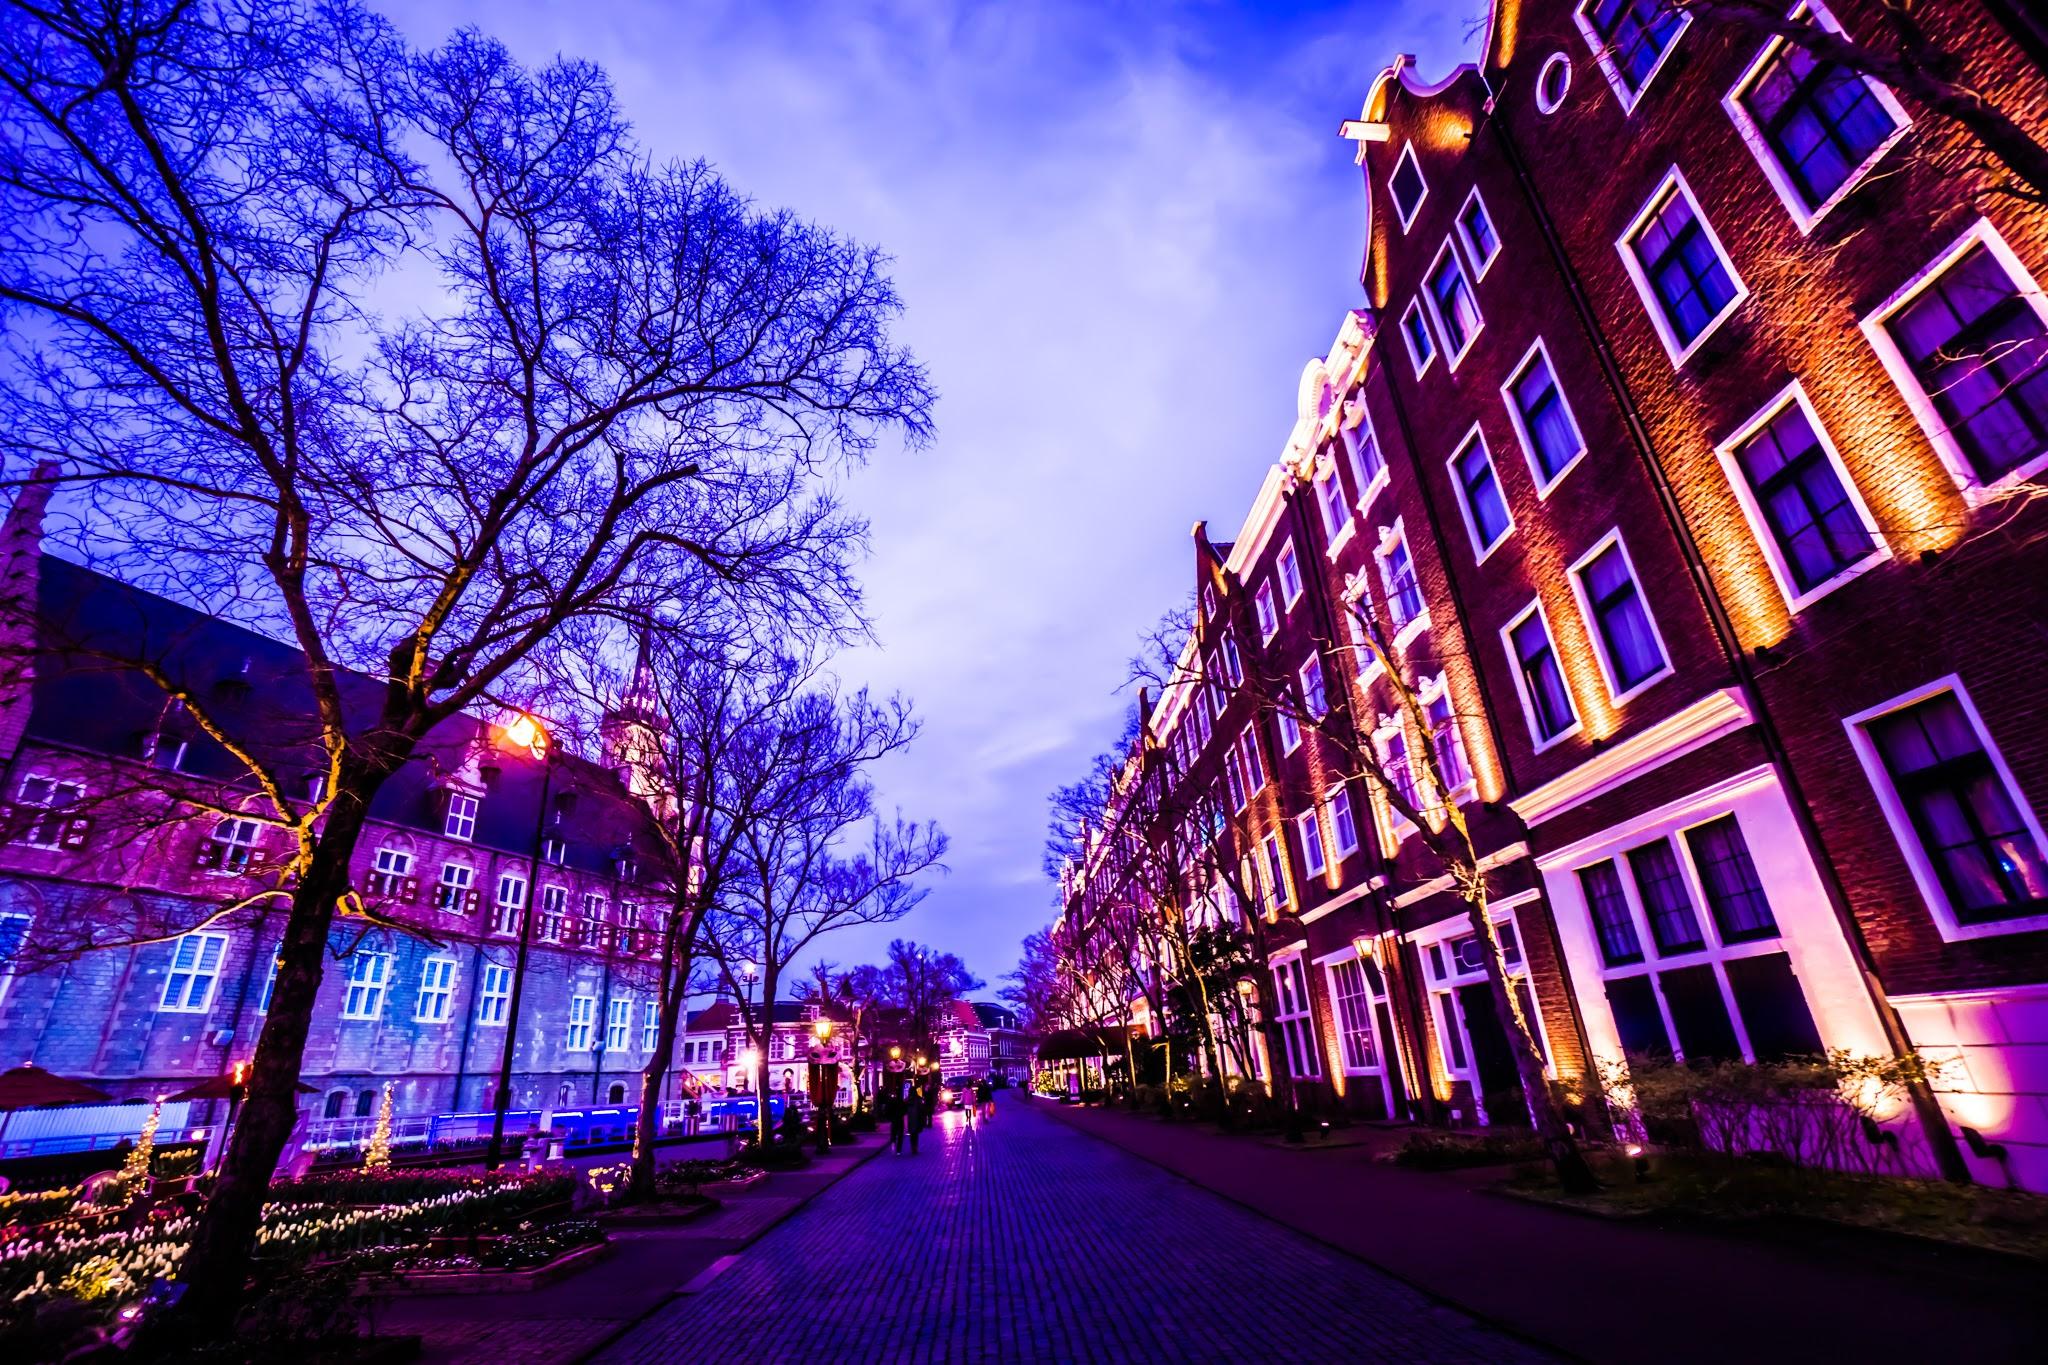 Huis Ten Bosch illumination Kingdom of light Amsterdam city3